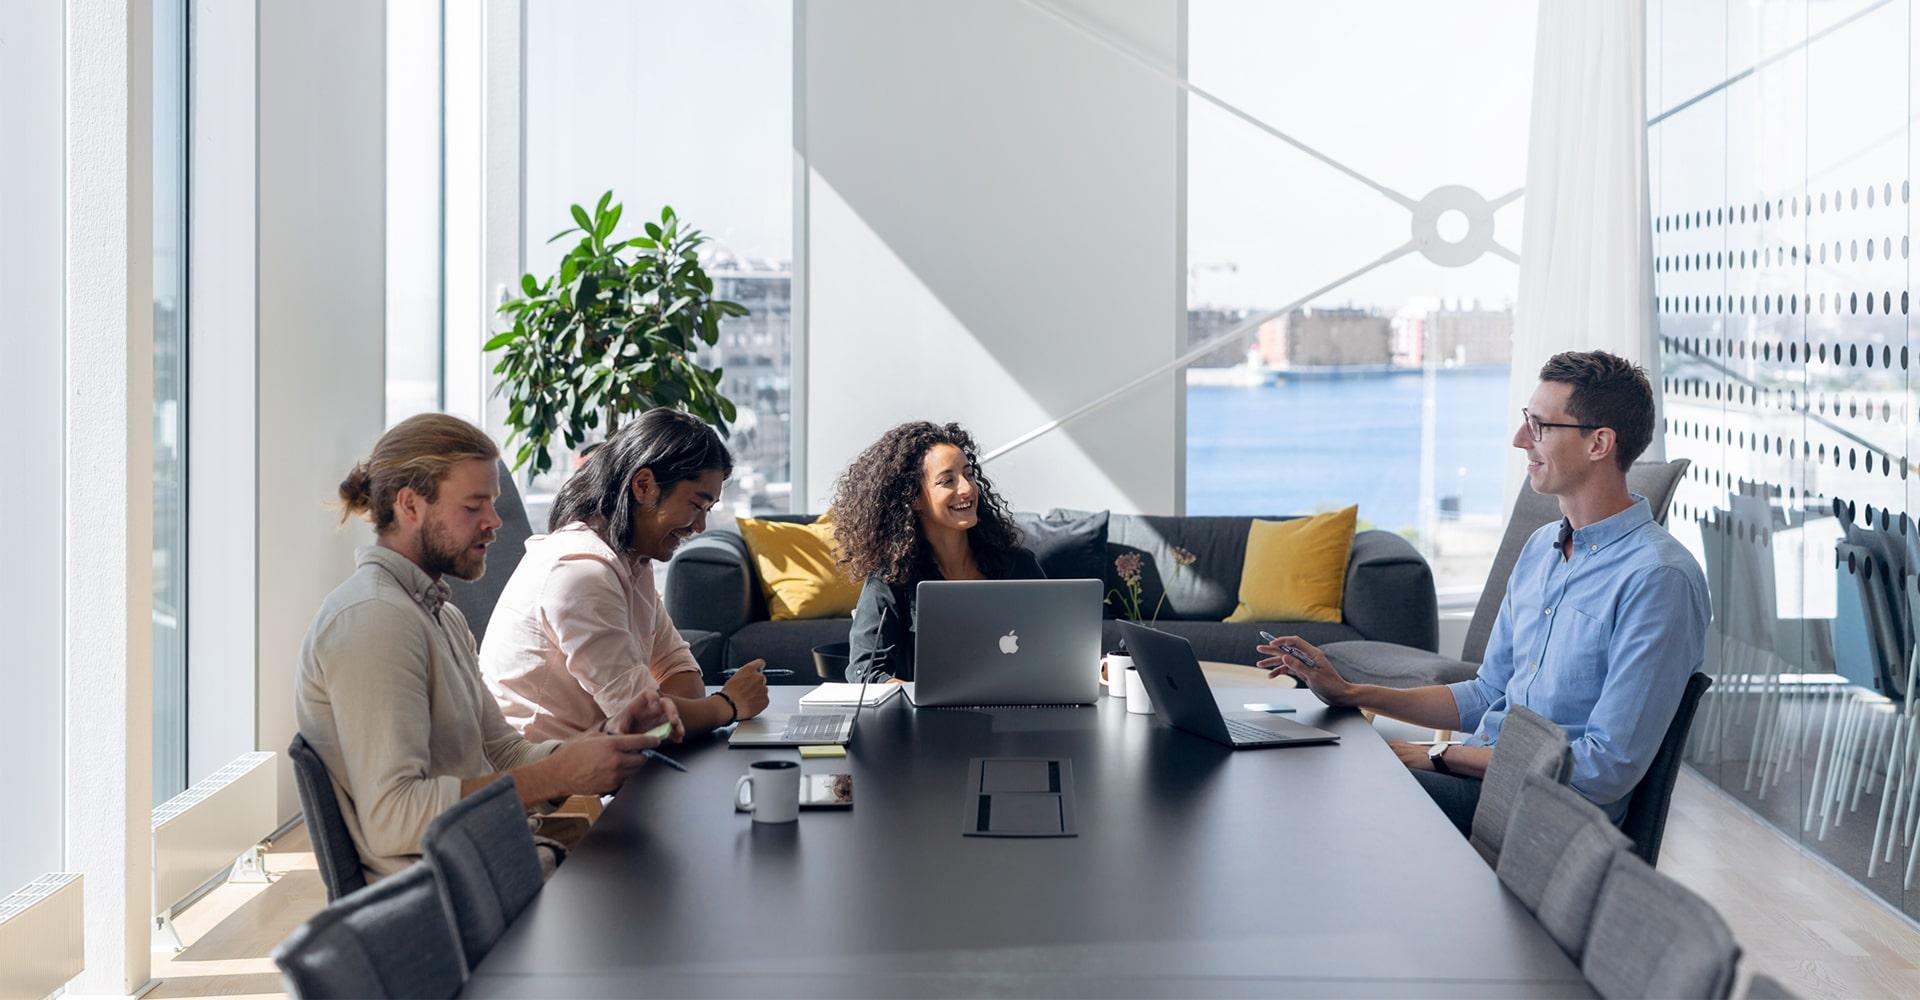 Team meeting in bright meeting room